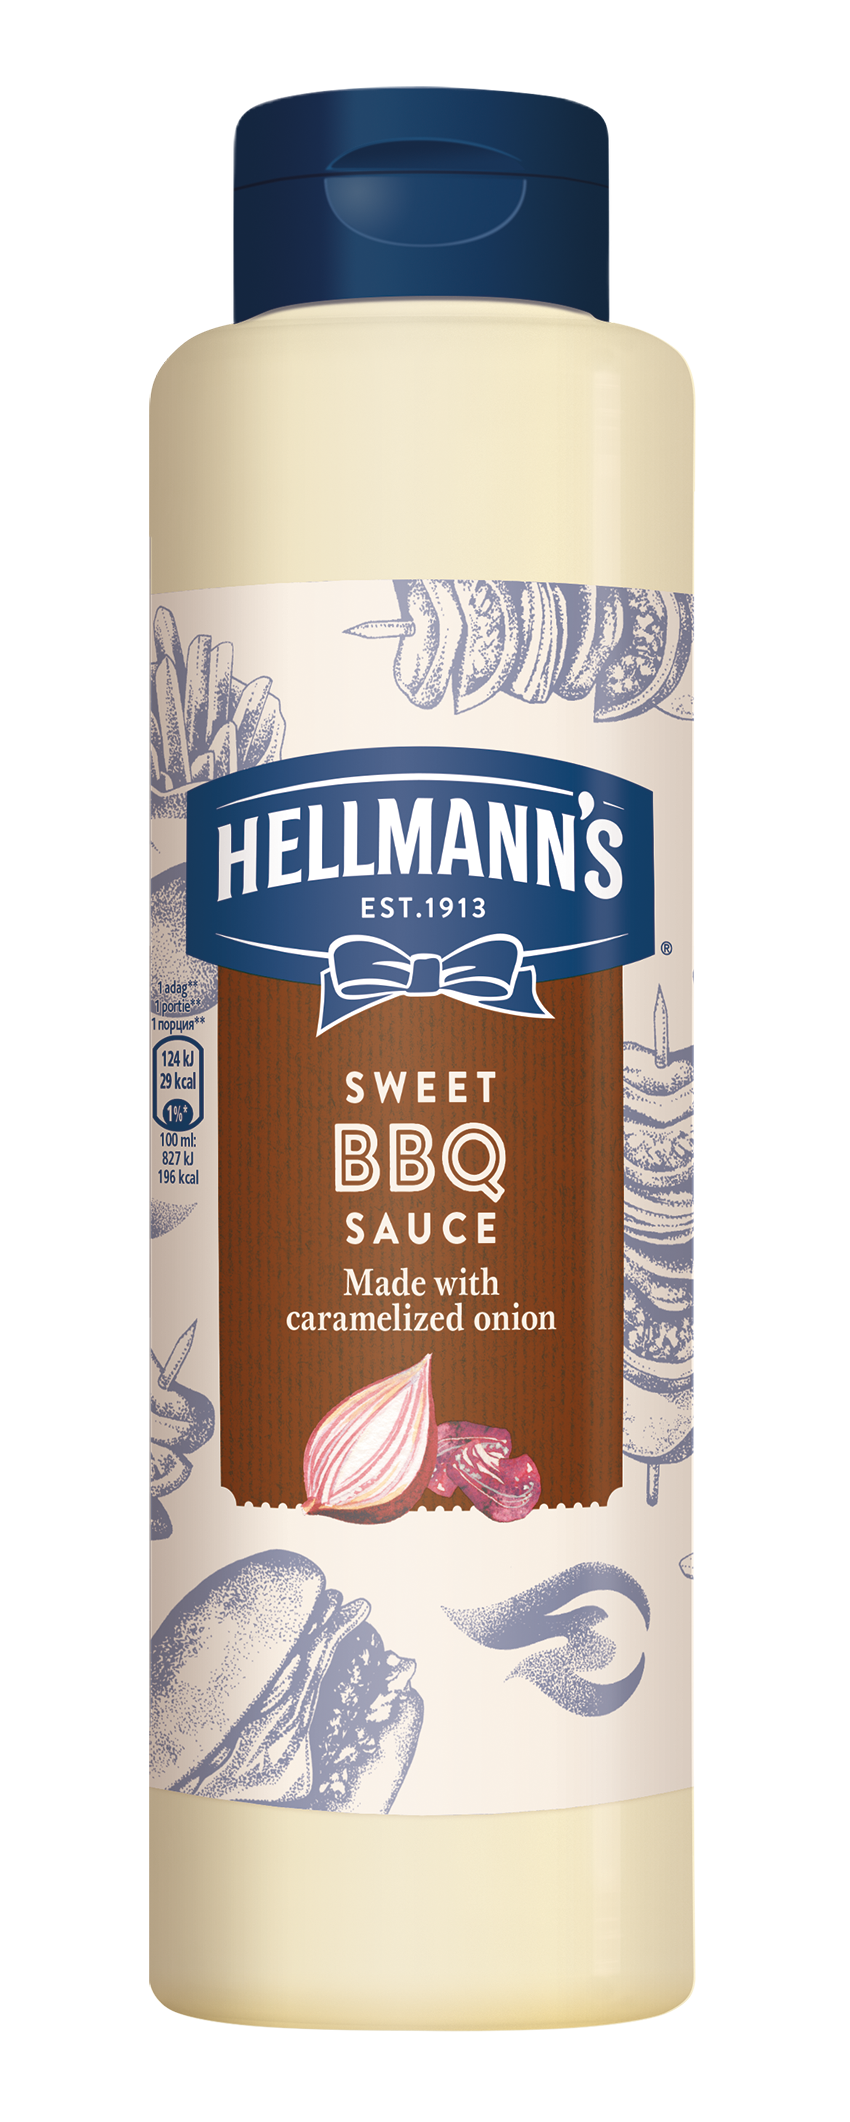 Hellmann's BBQ umak 792 ml - Pokažite kvalitetu svojim gostima